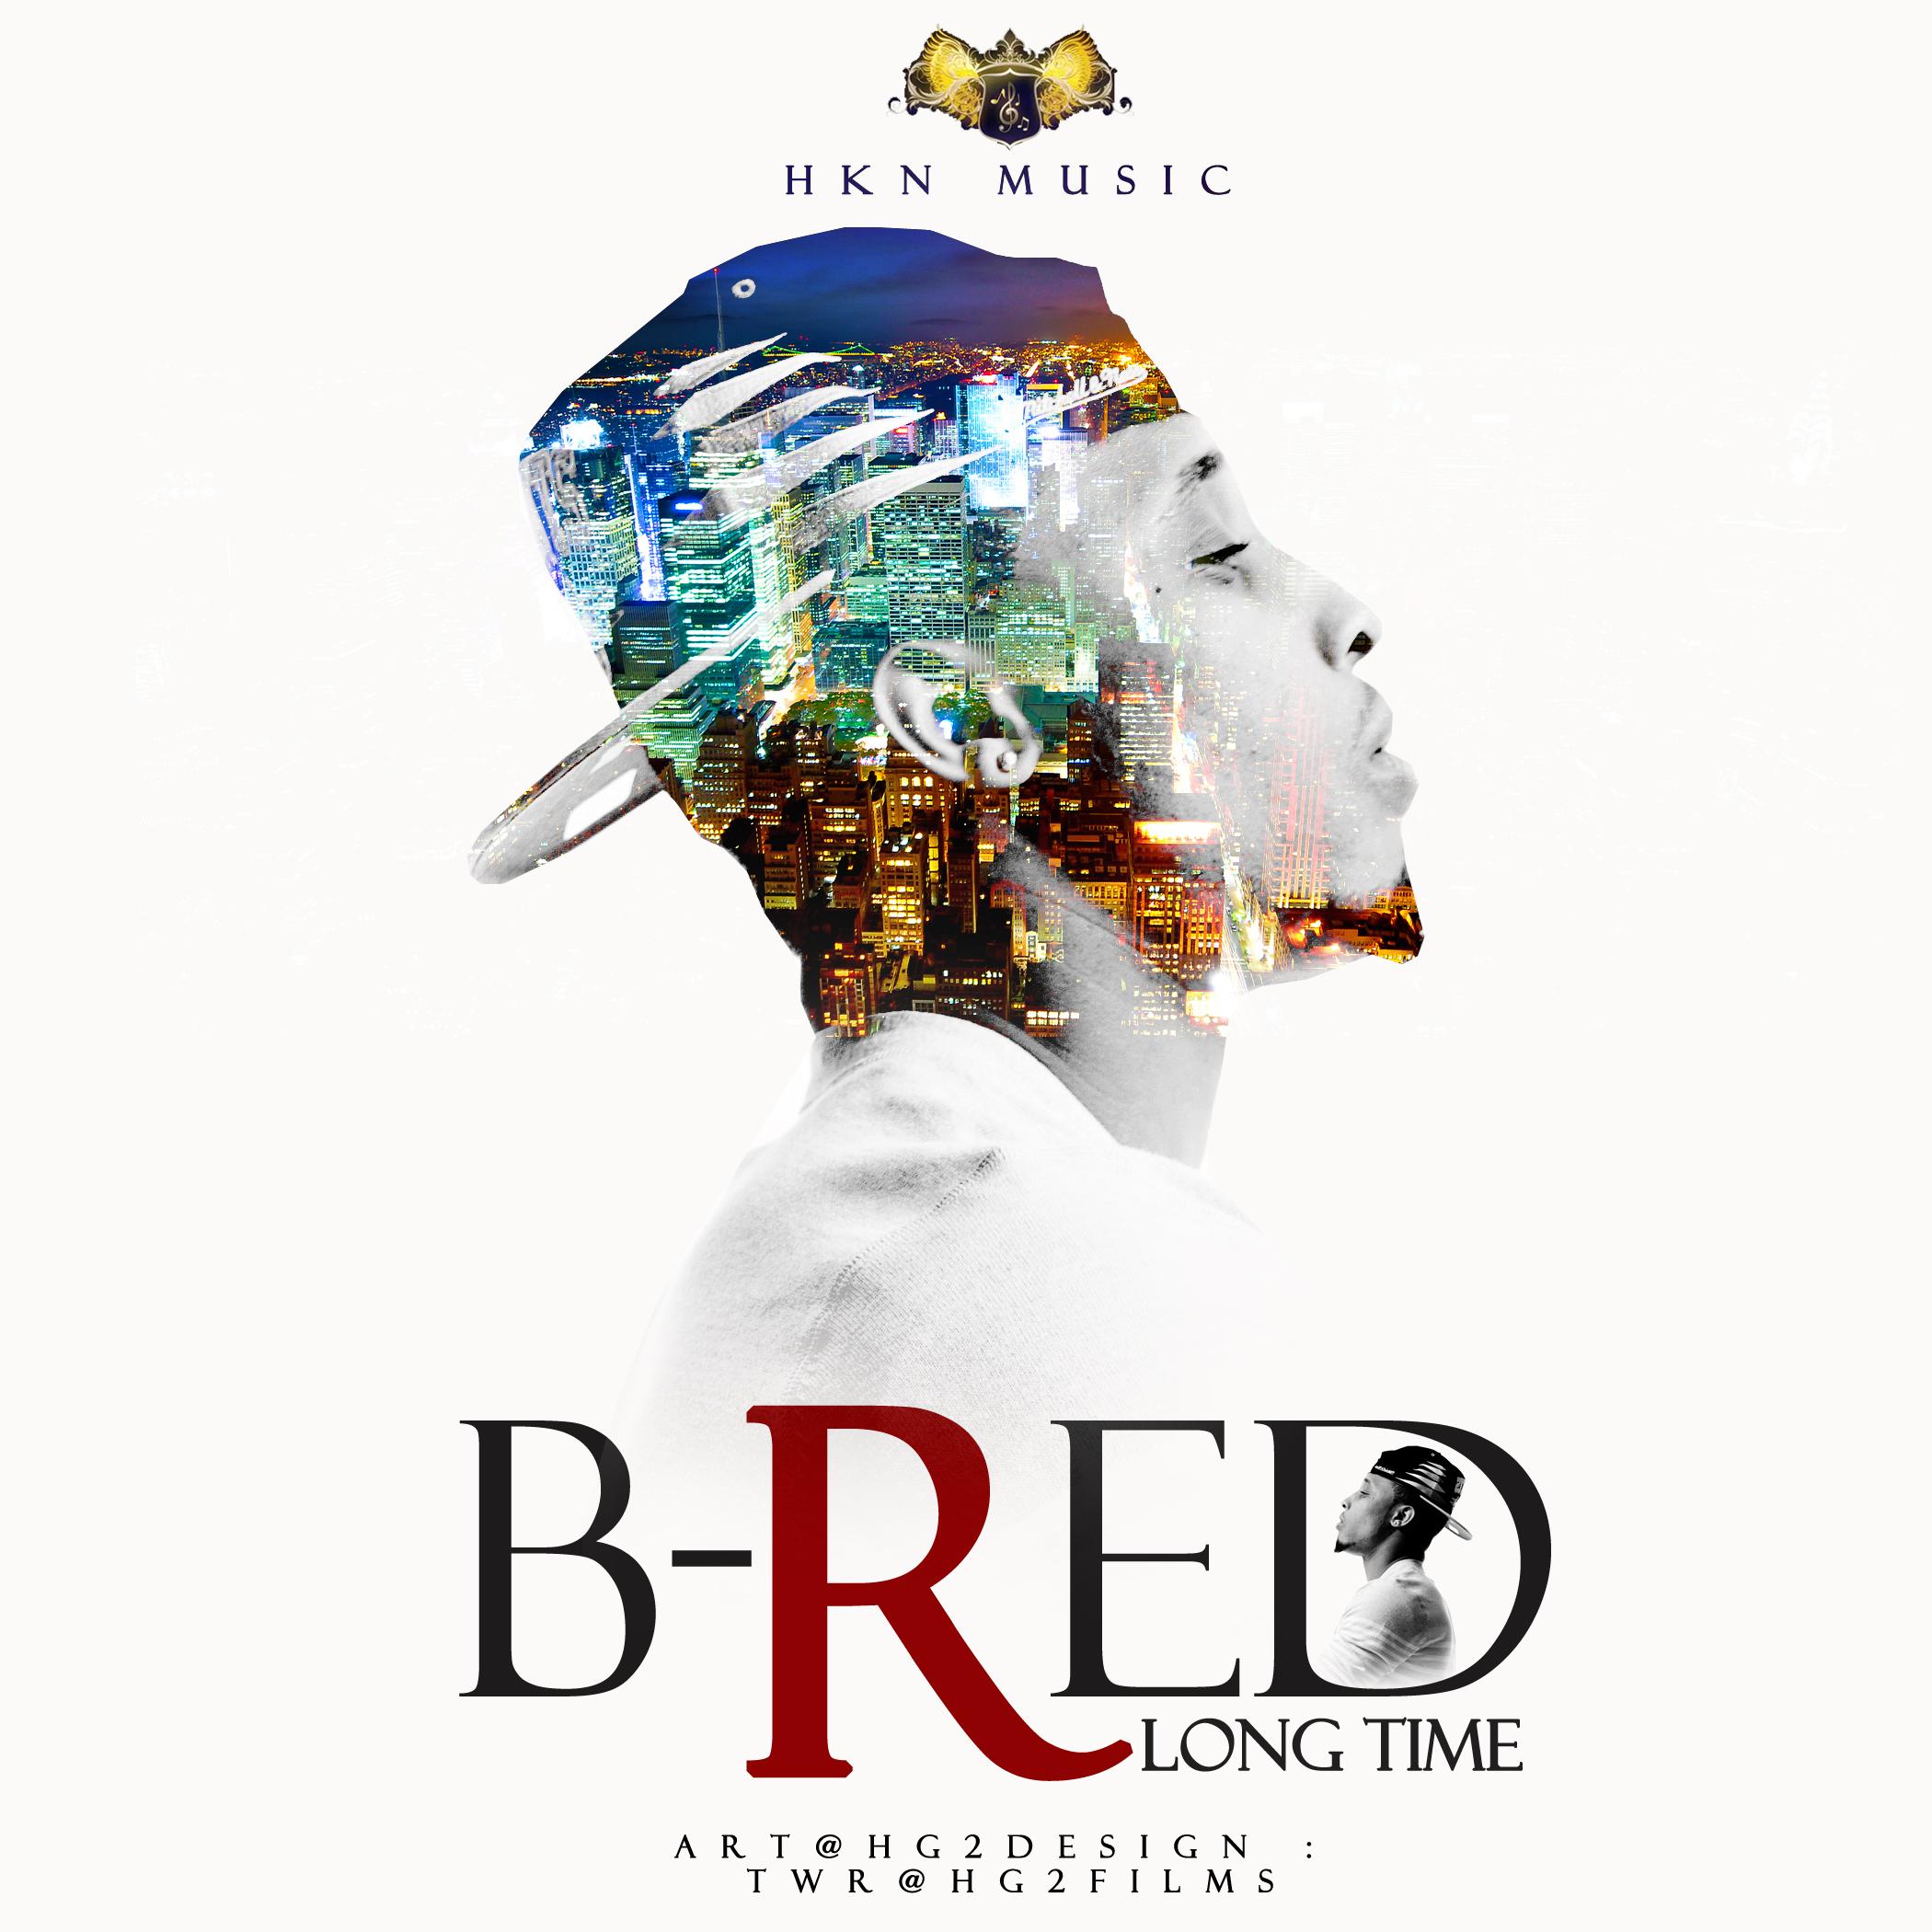 bredlongtime2